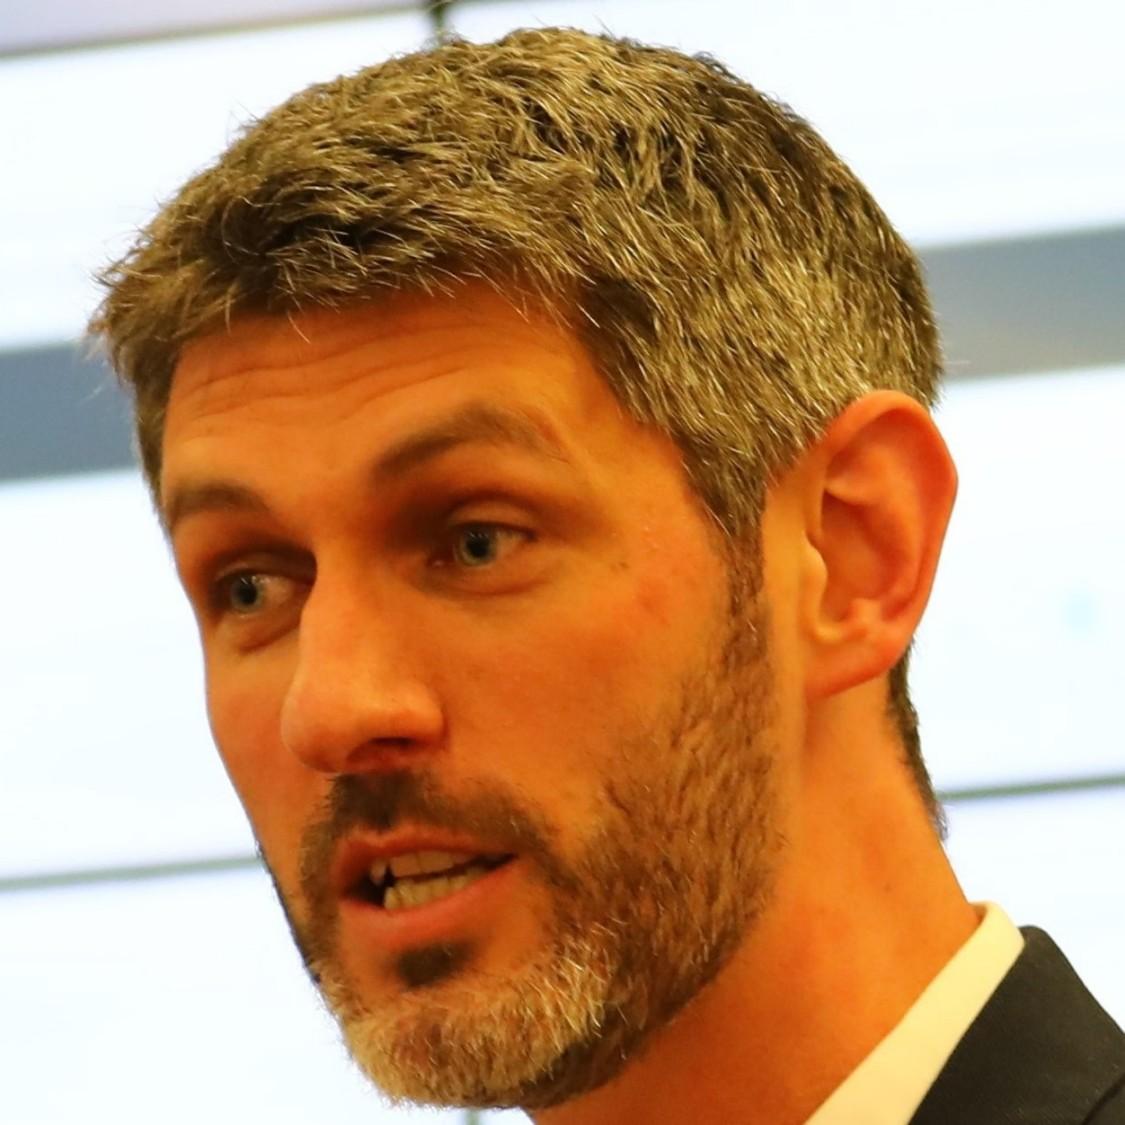 Adam Cartwright